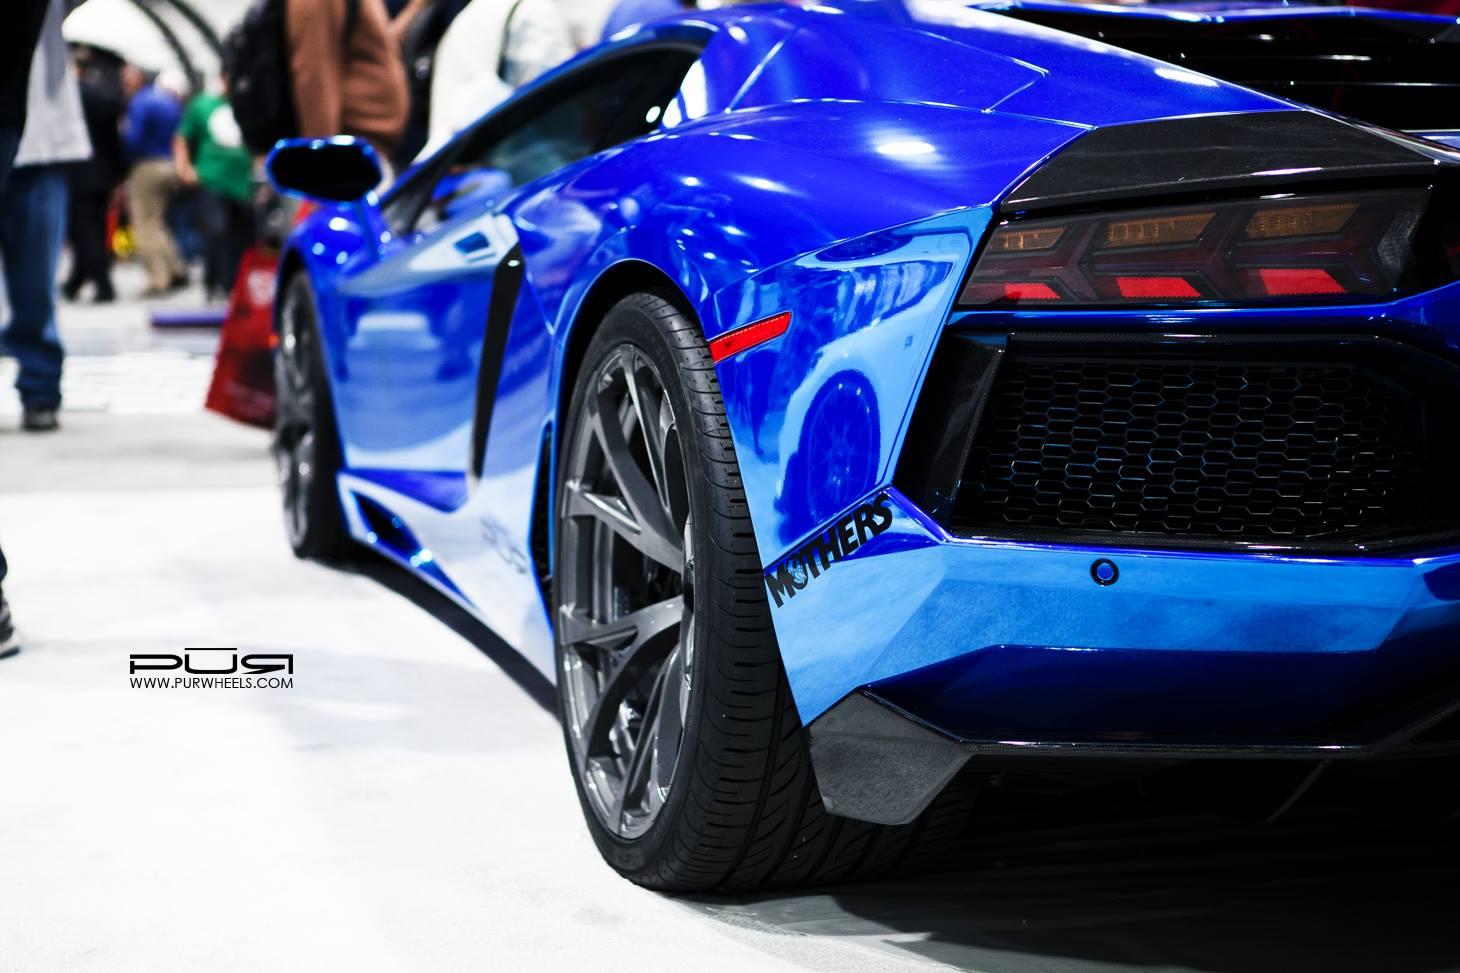 sema 2013 chrome blue lamborghini aventador on pur wheels - Lamborghini Aventador Blue Chrome